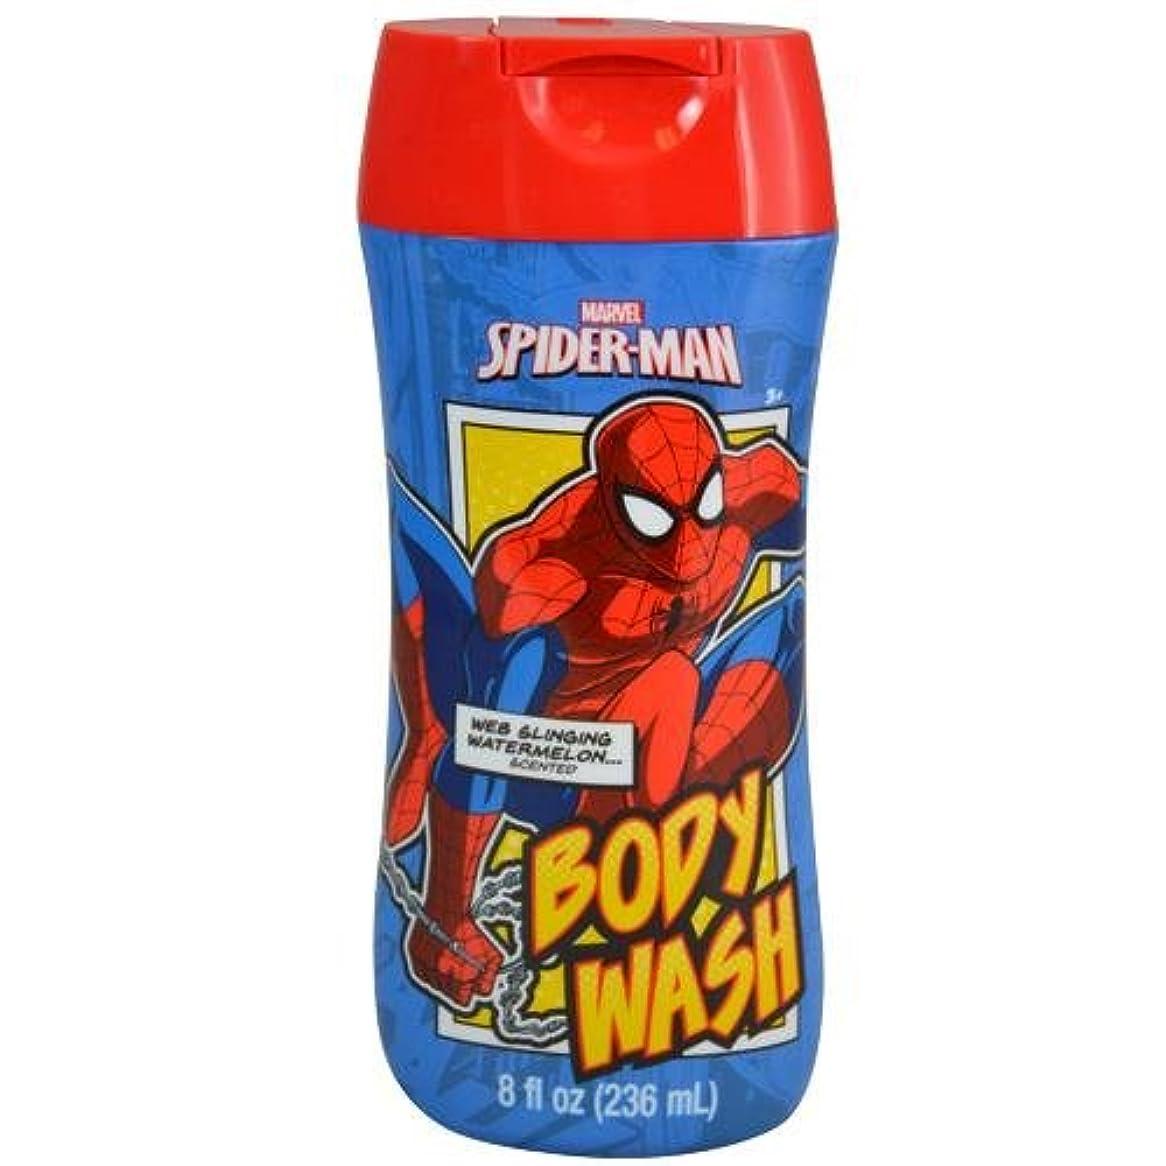 パーセント繰り返す氏スパイダーマン SPIDER-MAN ボディーソープ 12185 MARVEL お風呂 ボディ ソープ 子供用 キッズ ボディソープ MARVEL ボディウォッシュ マーベル ボディーウォッシュ【即日?翌日発送】